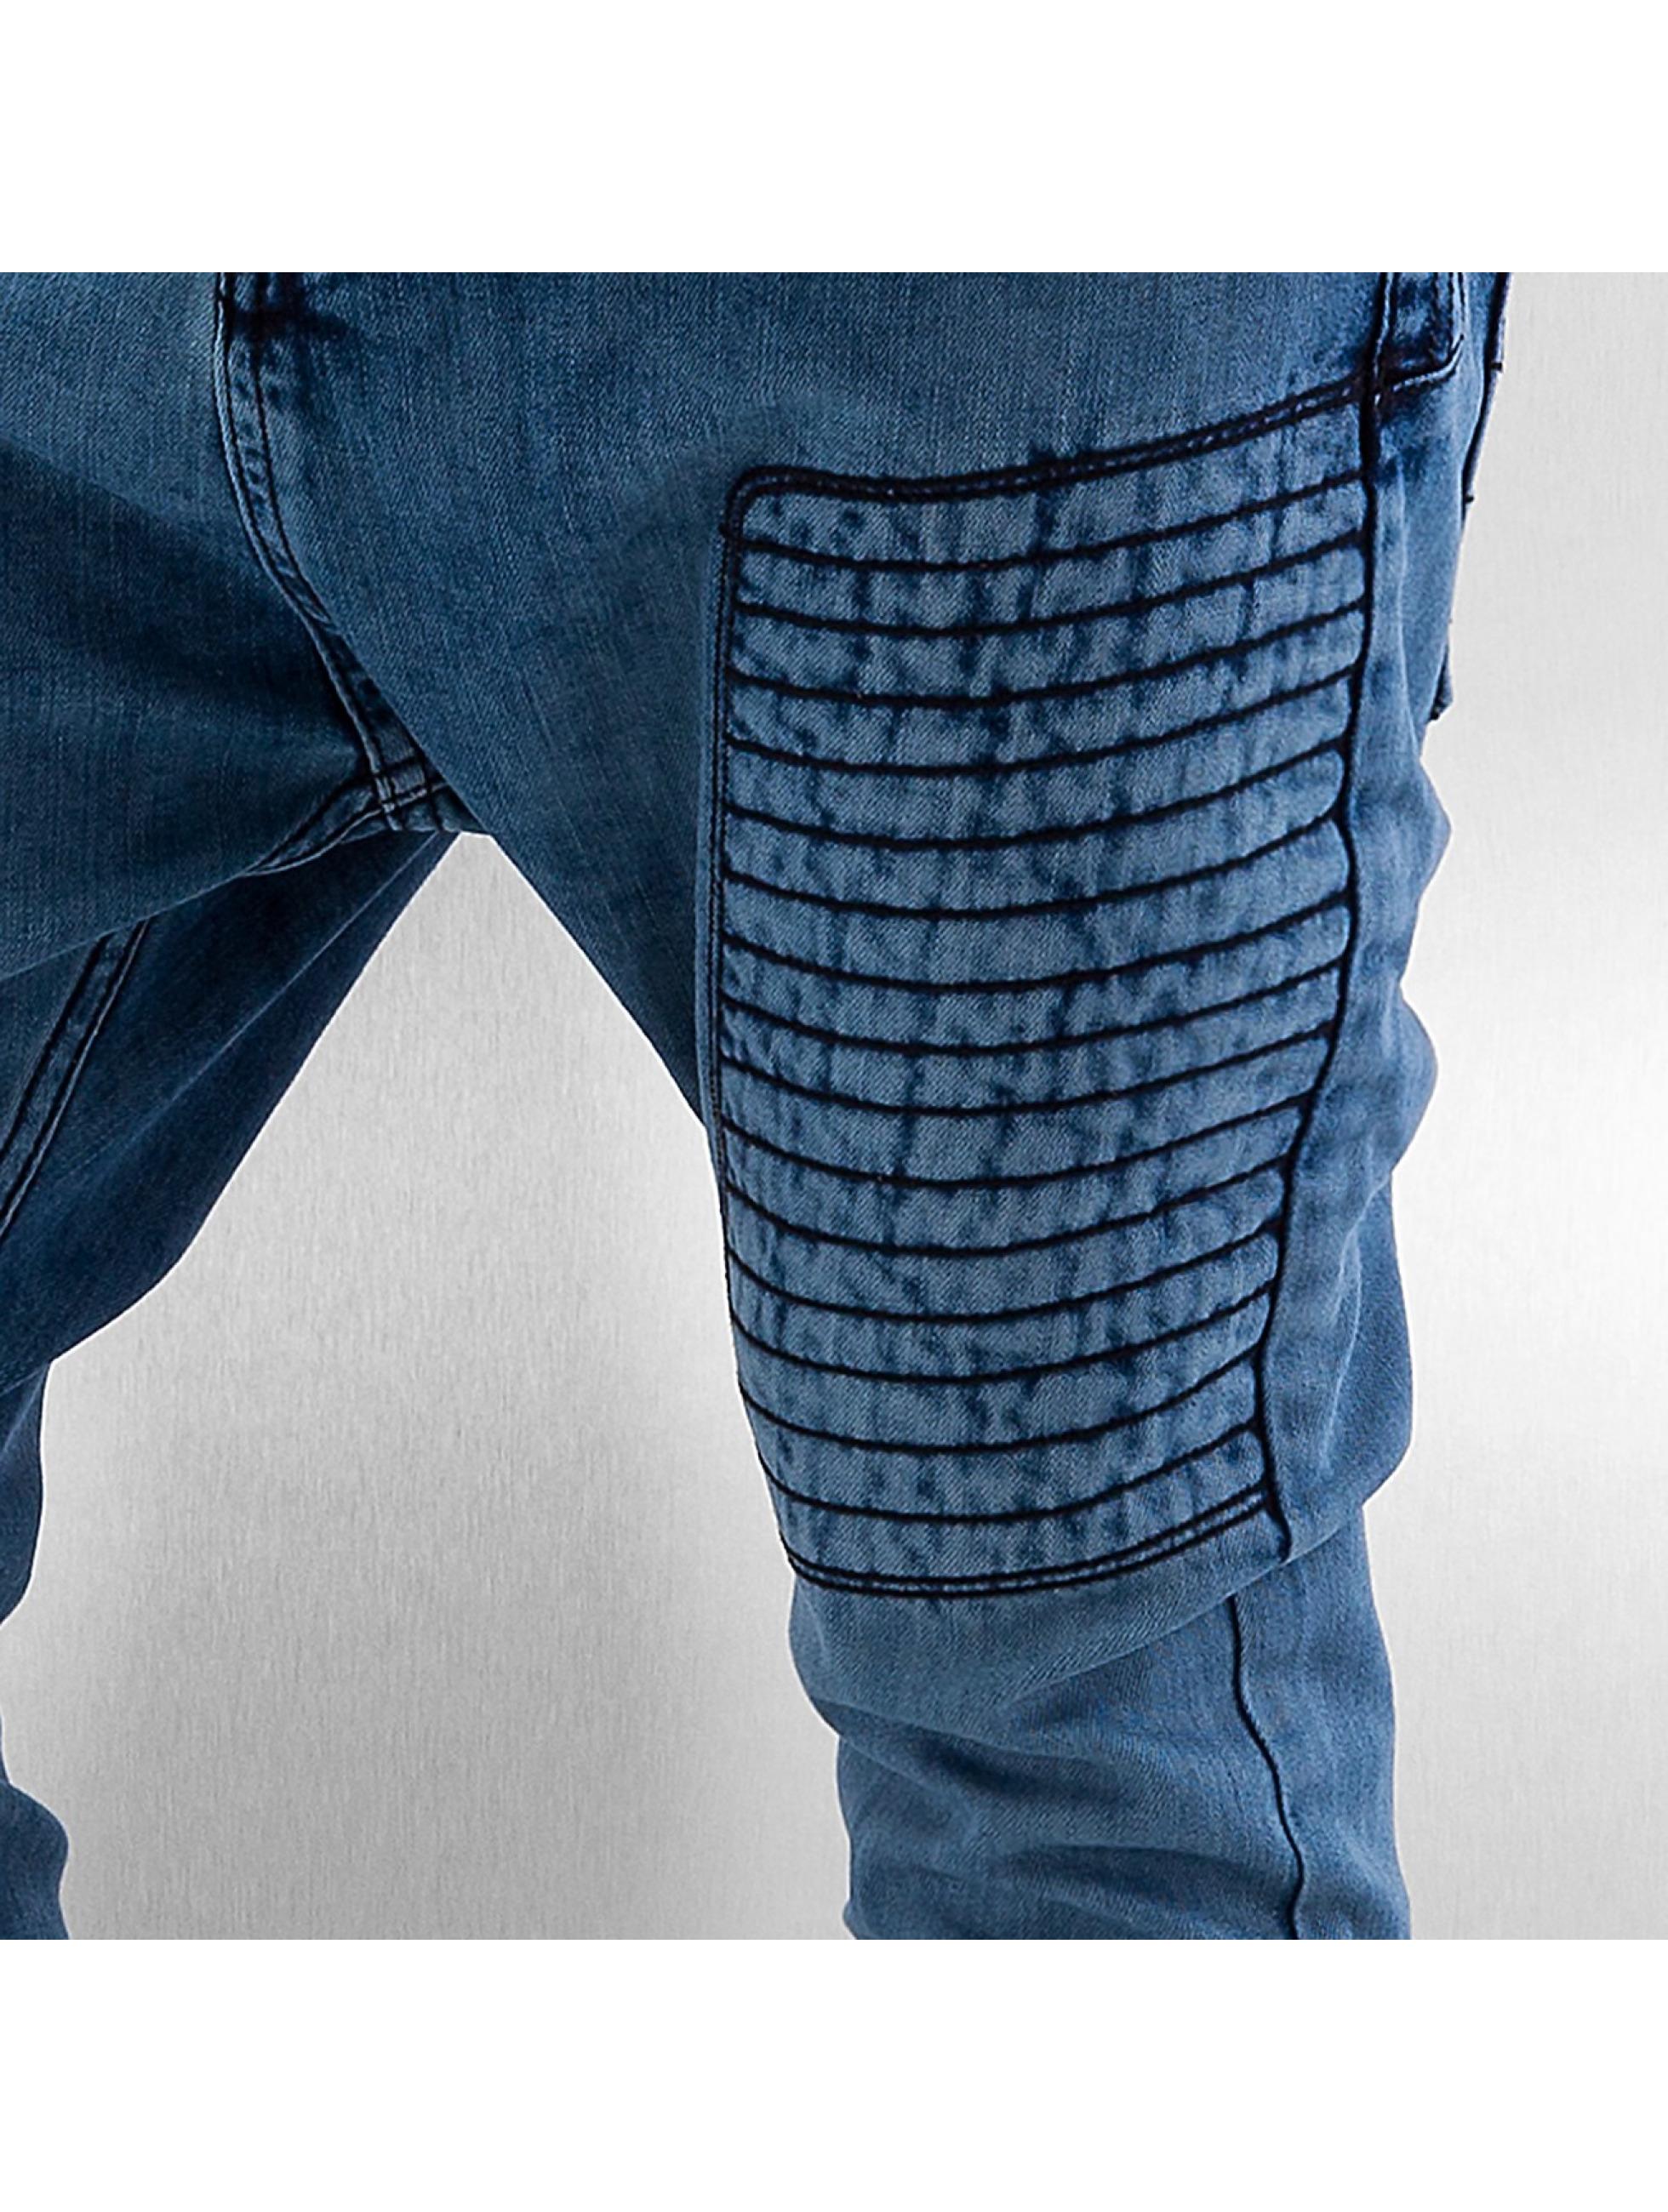 Bangastic Antifit-farkut Embroidery sininen